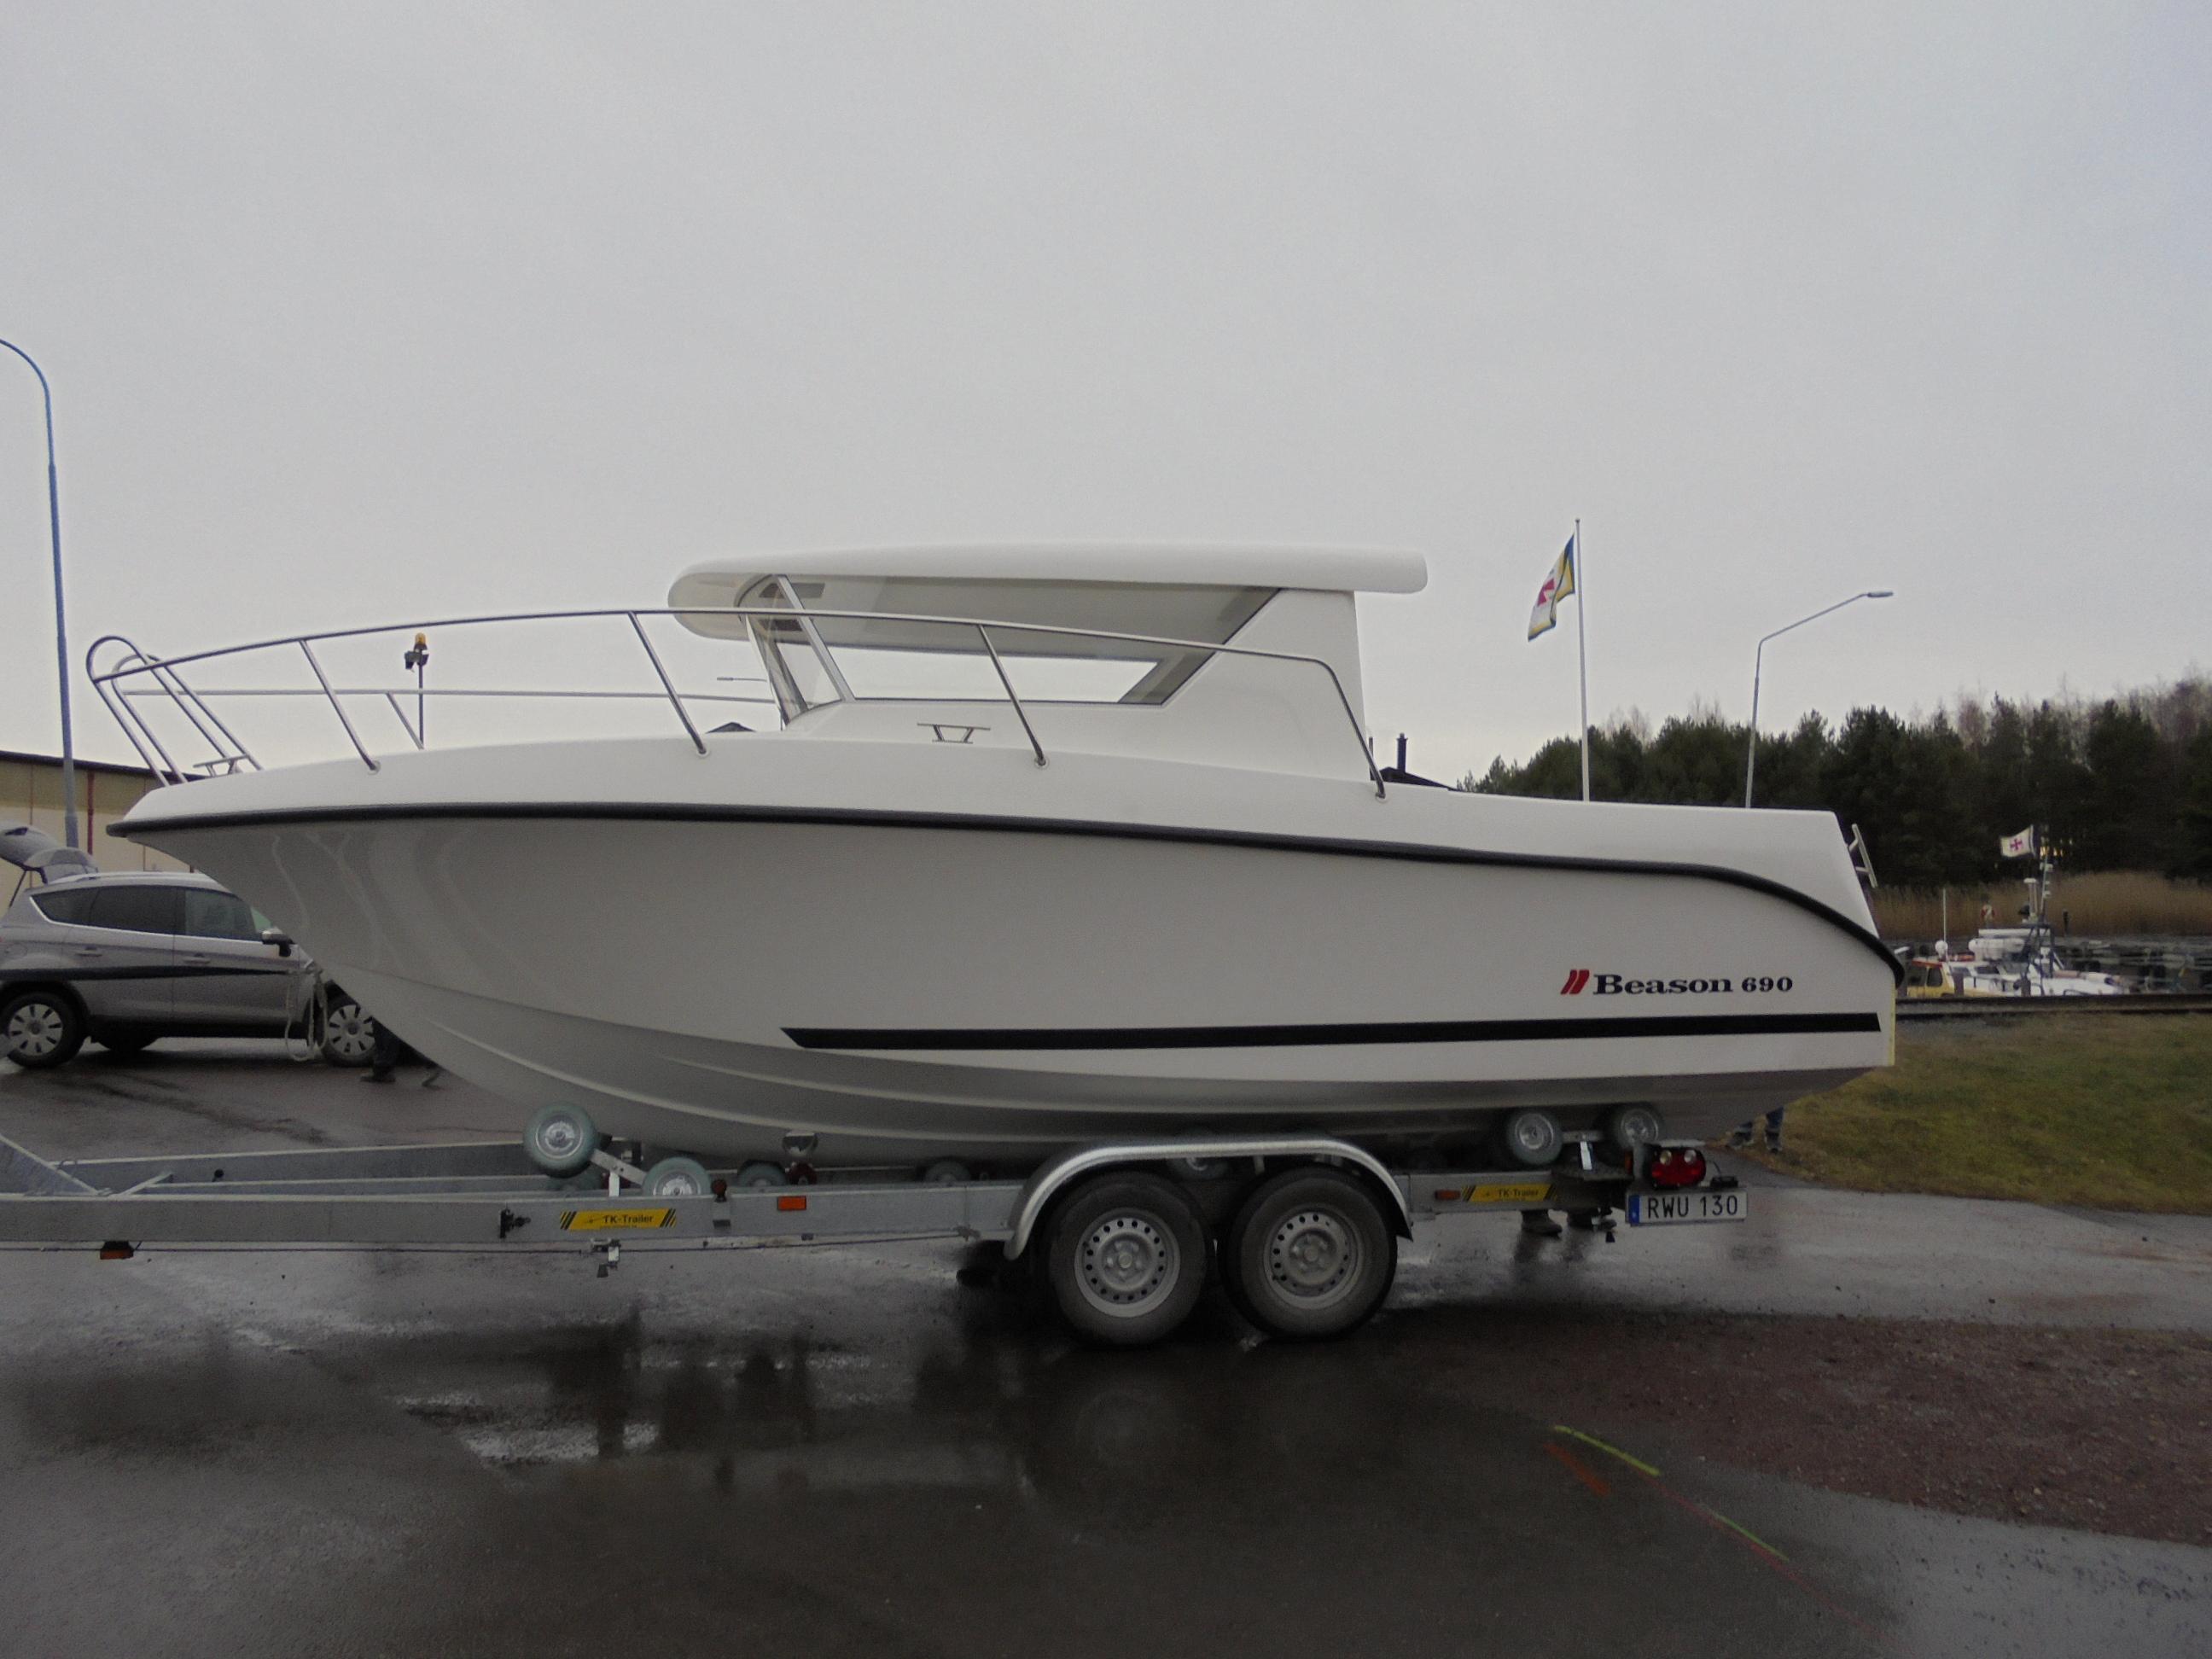 beason-690-pilot_trailer